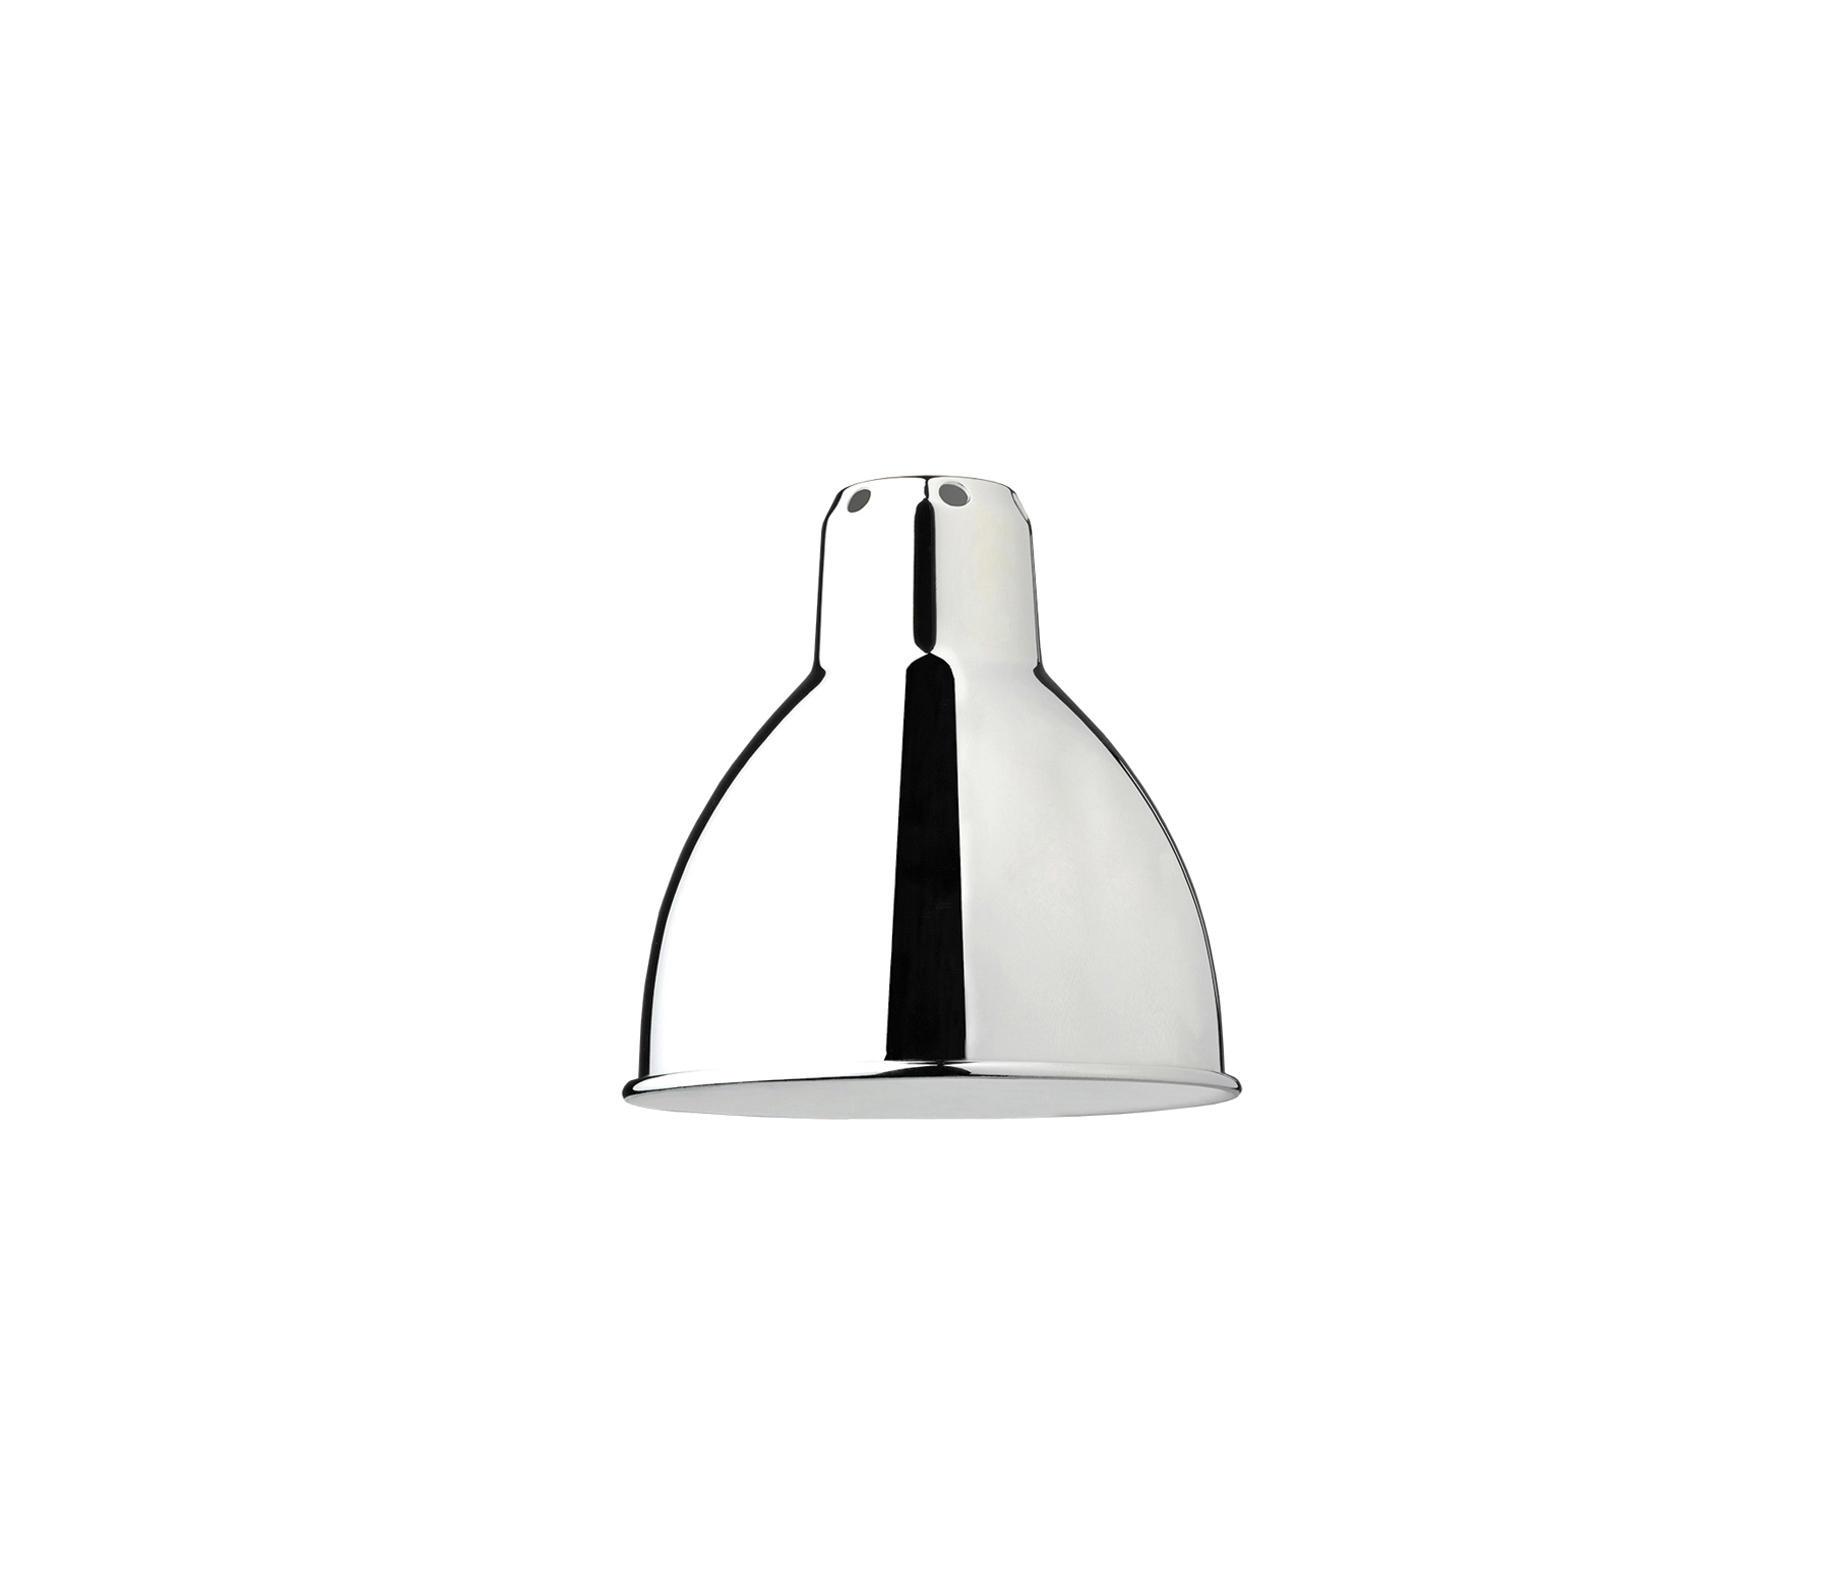 lampe-gras-shades-ch-round-15-b Spannende Lampen Frankfurt Am Main Dekorationen